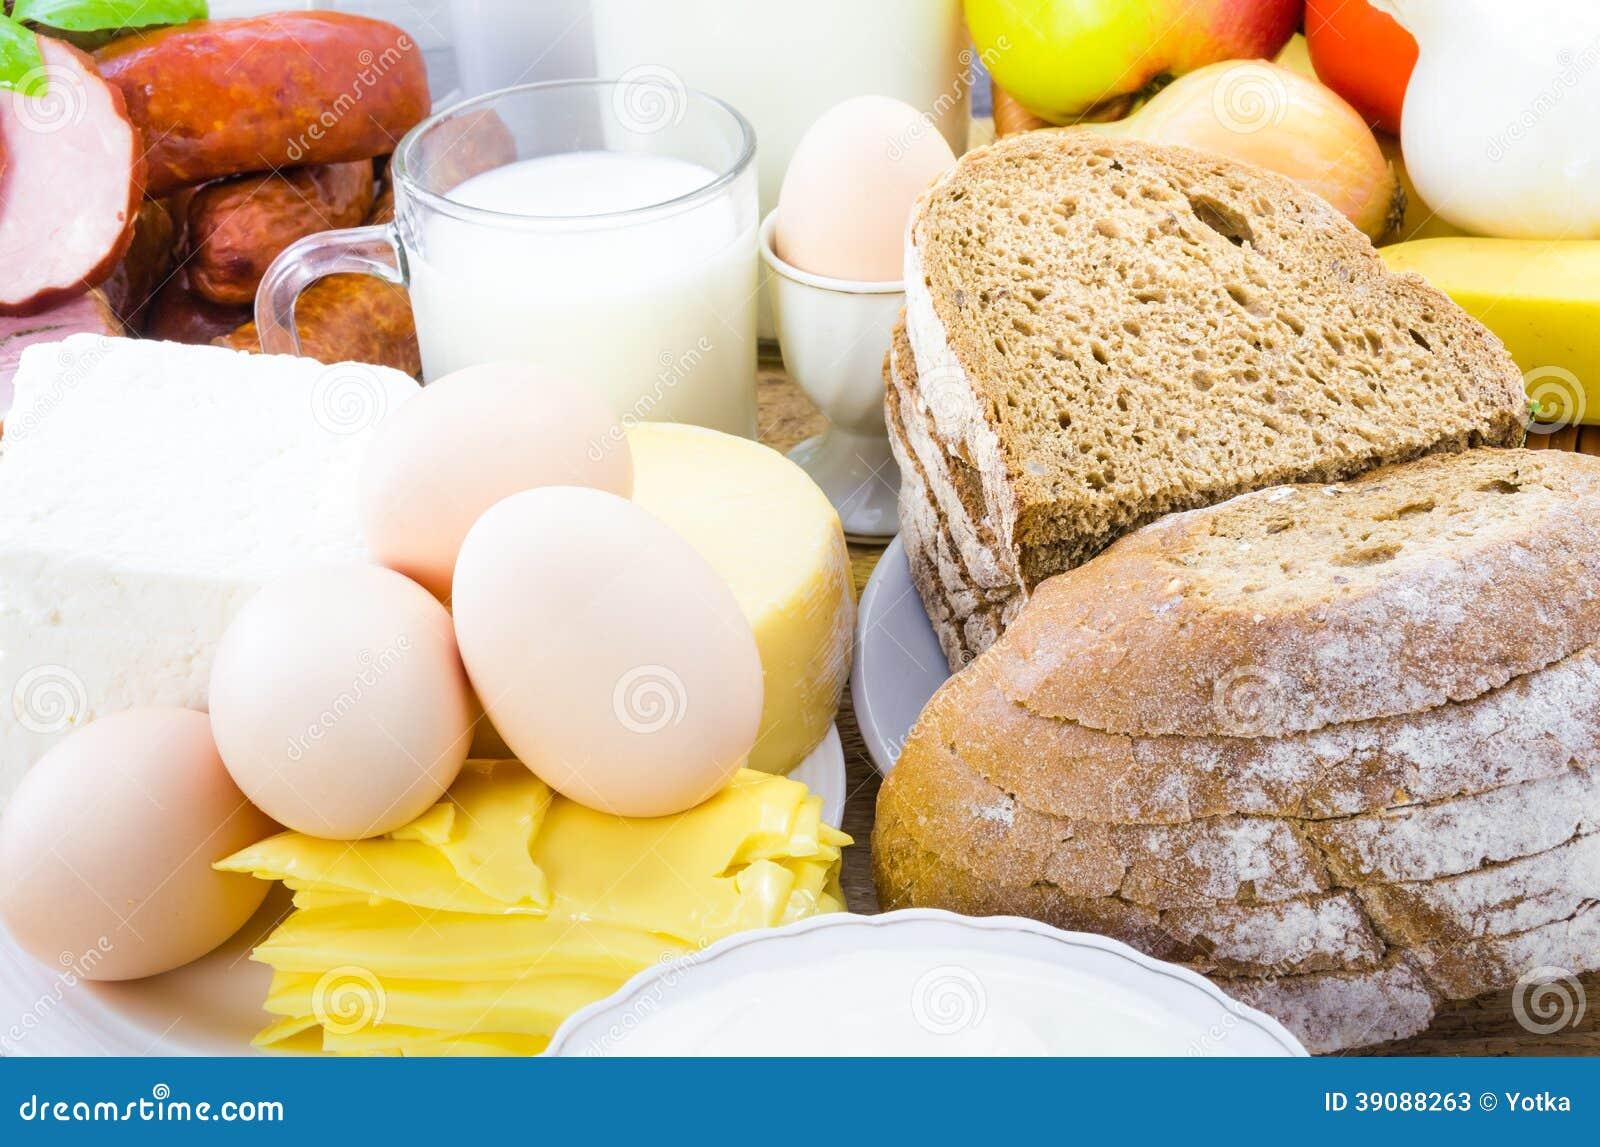 Viande diverse de pain de laitages de nourriture